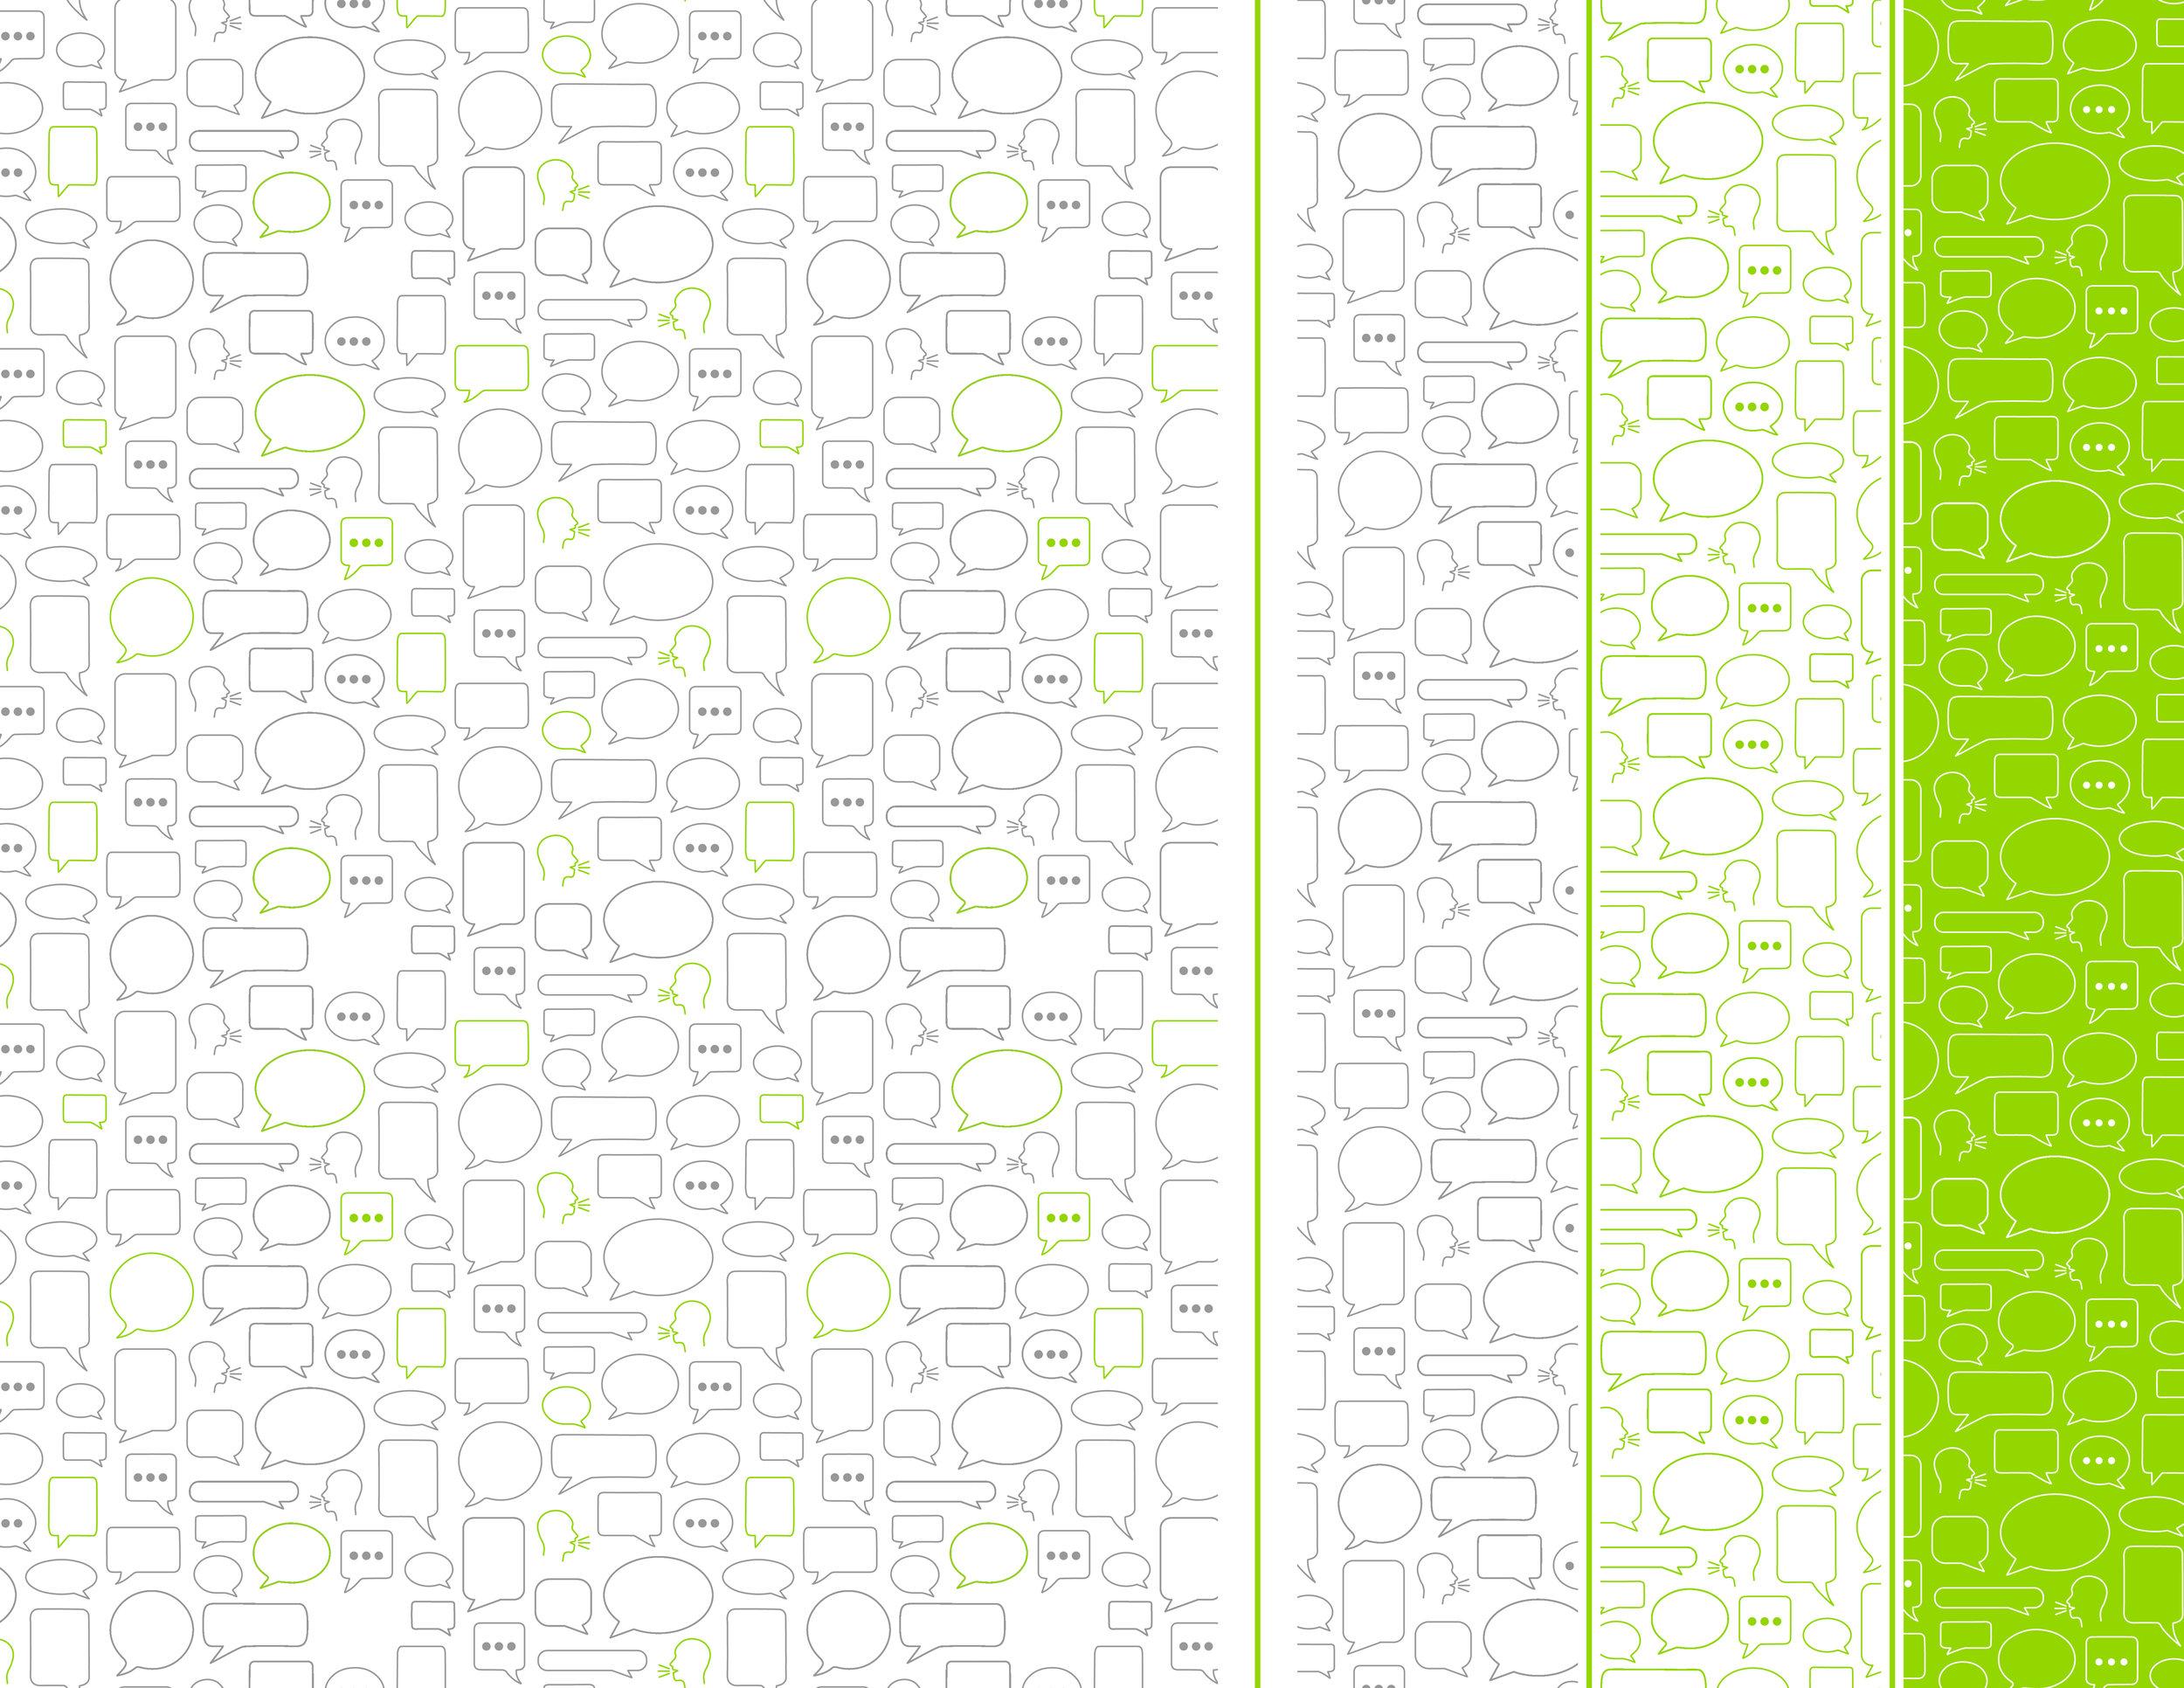 Branding+Patterns3.jpg